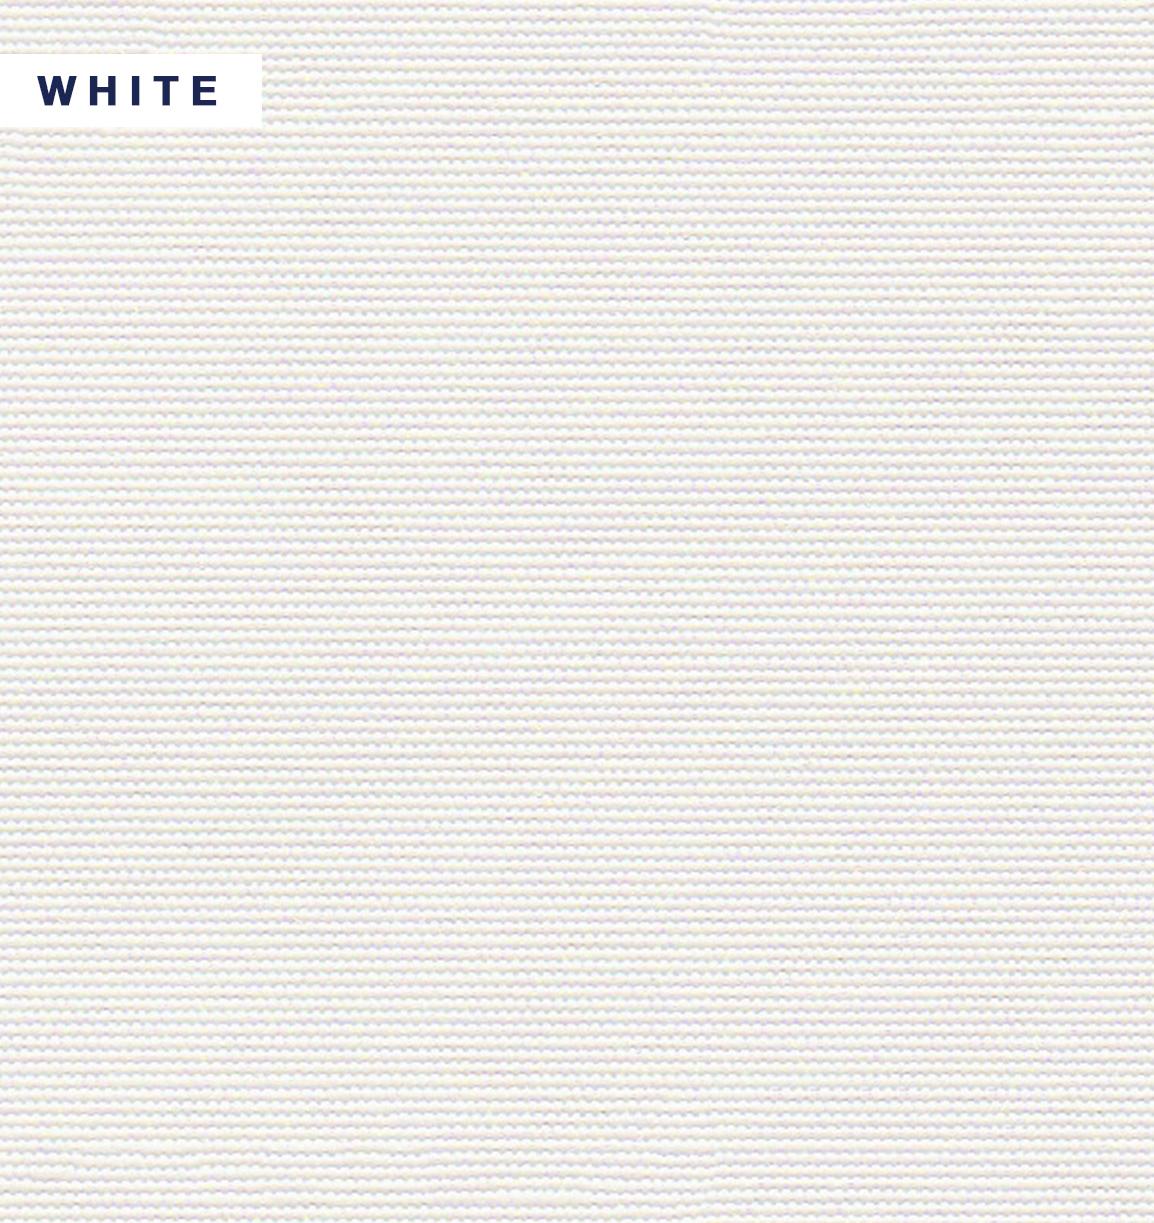 One Block - White.jpg